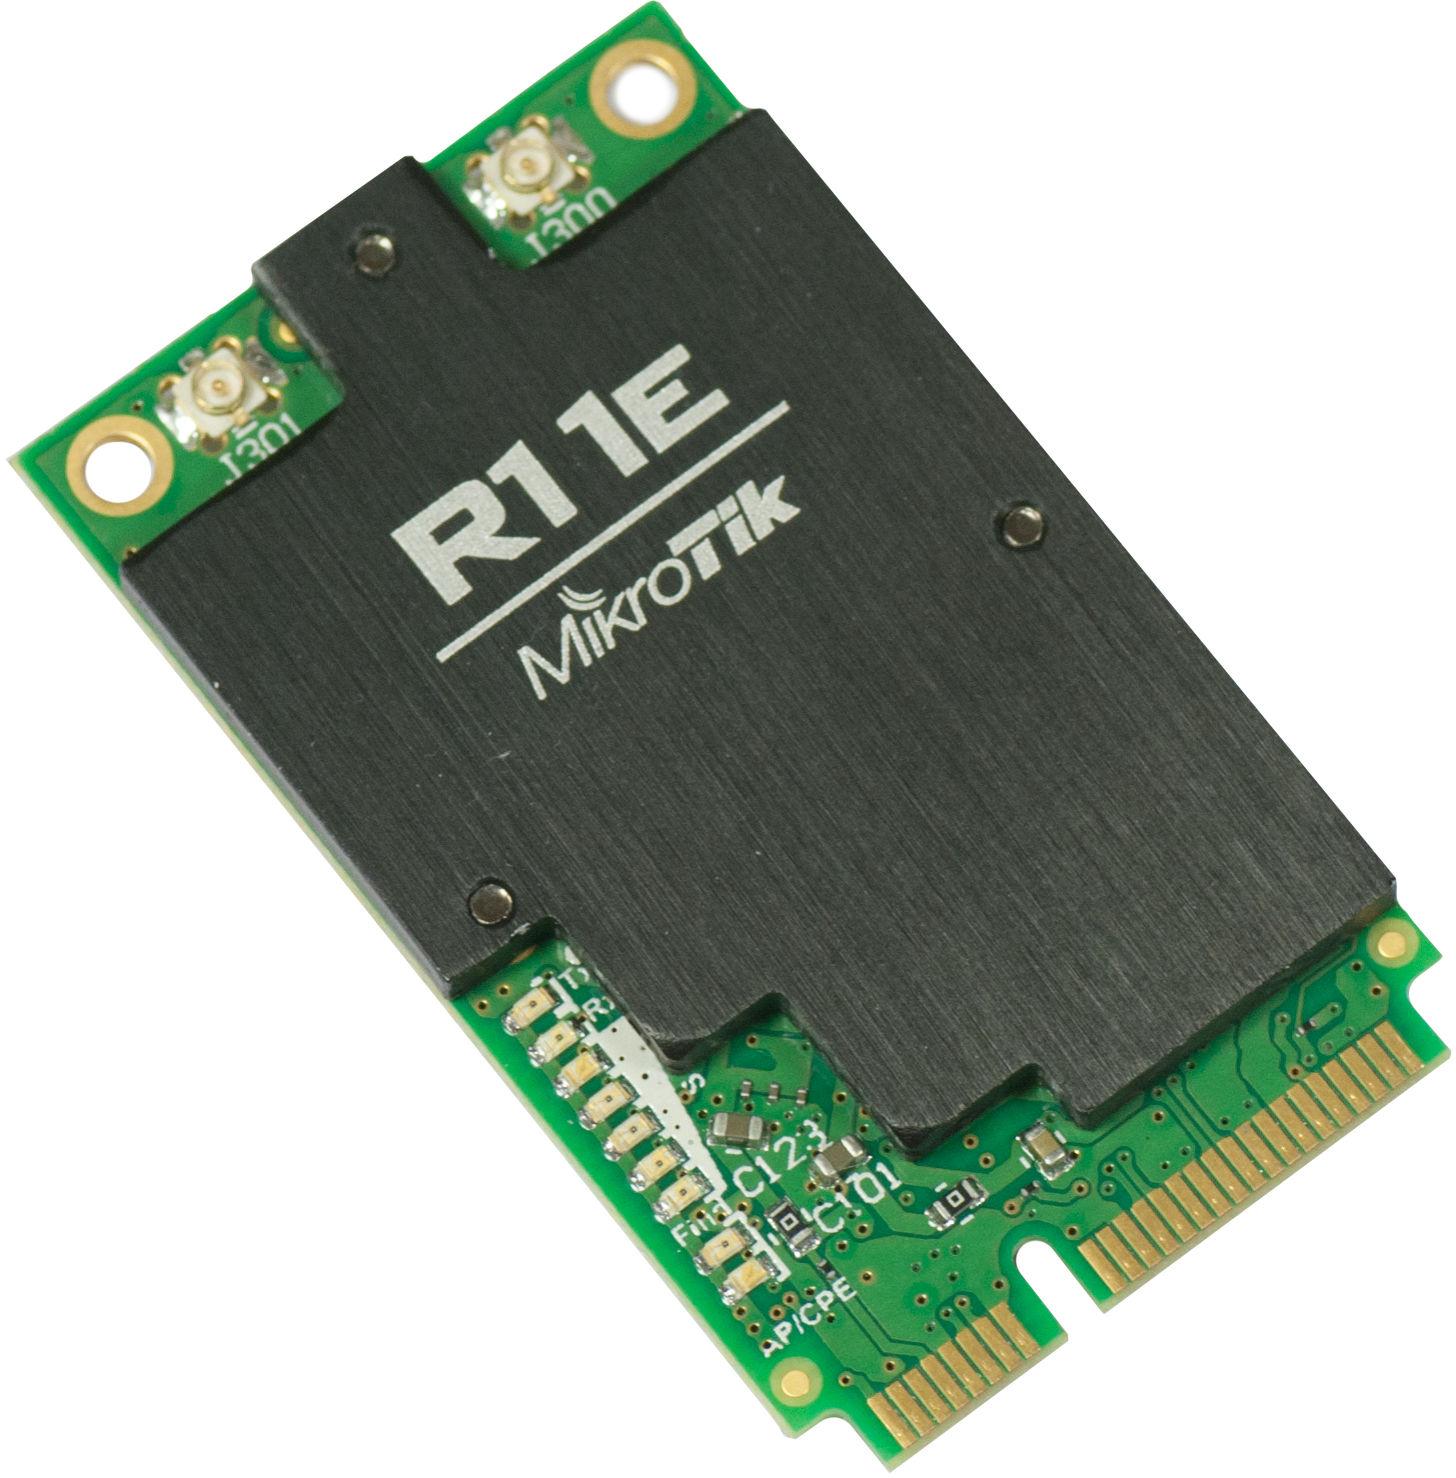 MikroTik 802.11b/g/n miniPCI-e card With u.fl connectors R11E-2HND - eet01